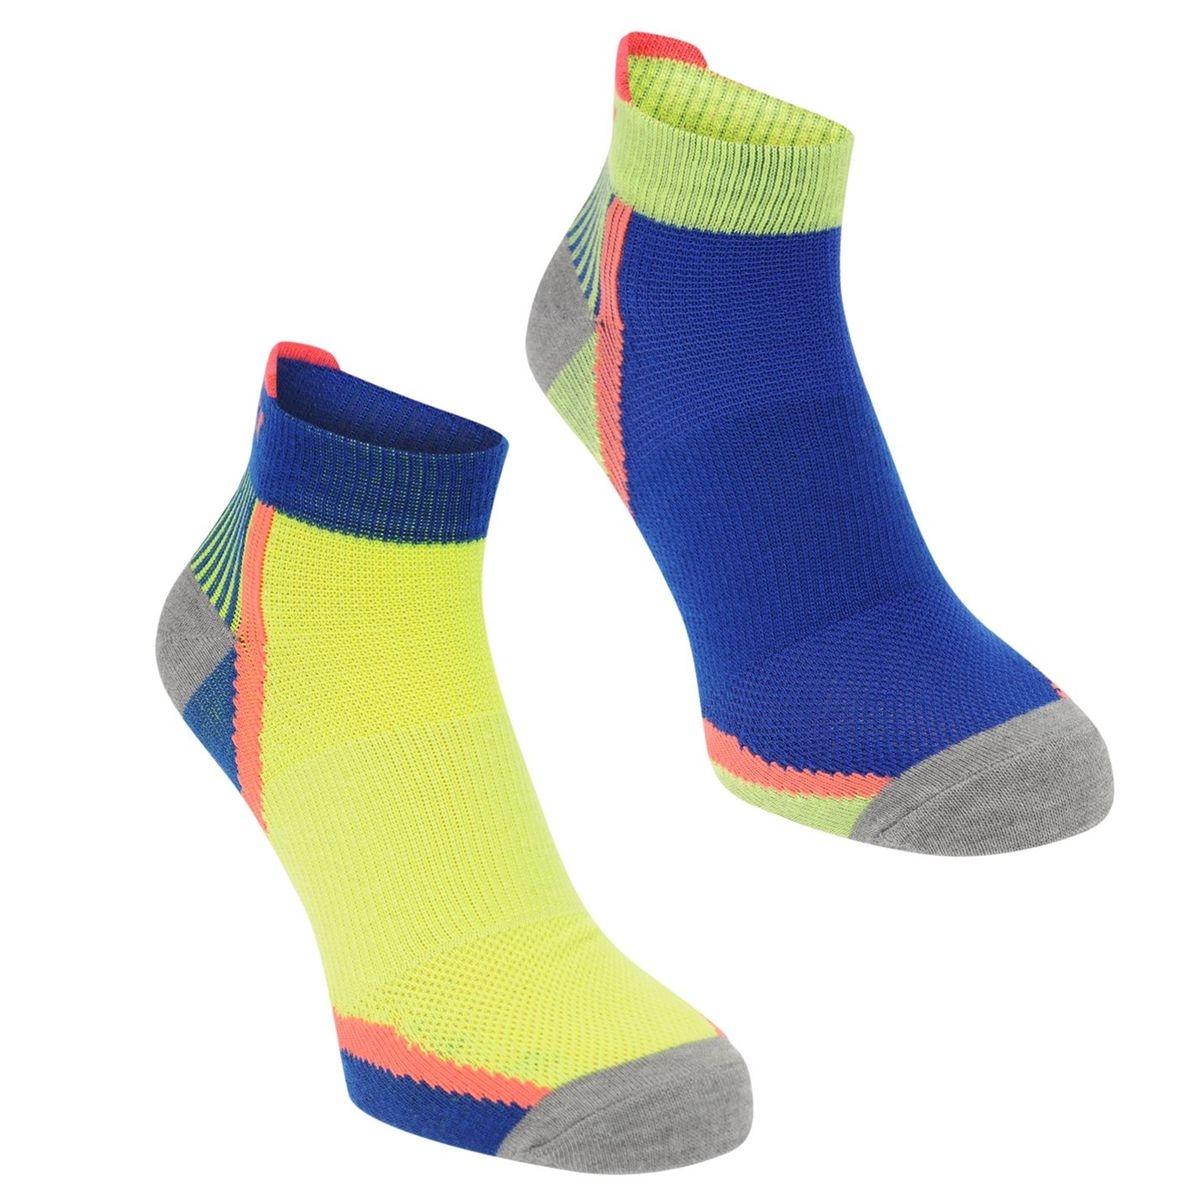 Chaussettes de sport support lot de 2 paires